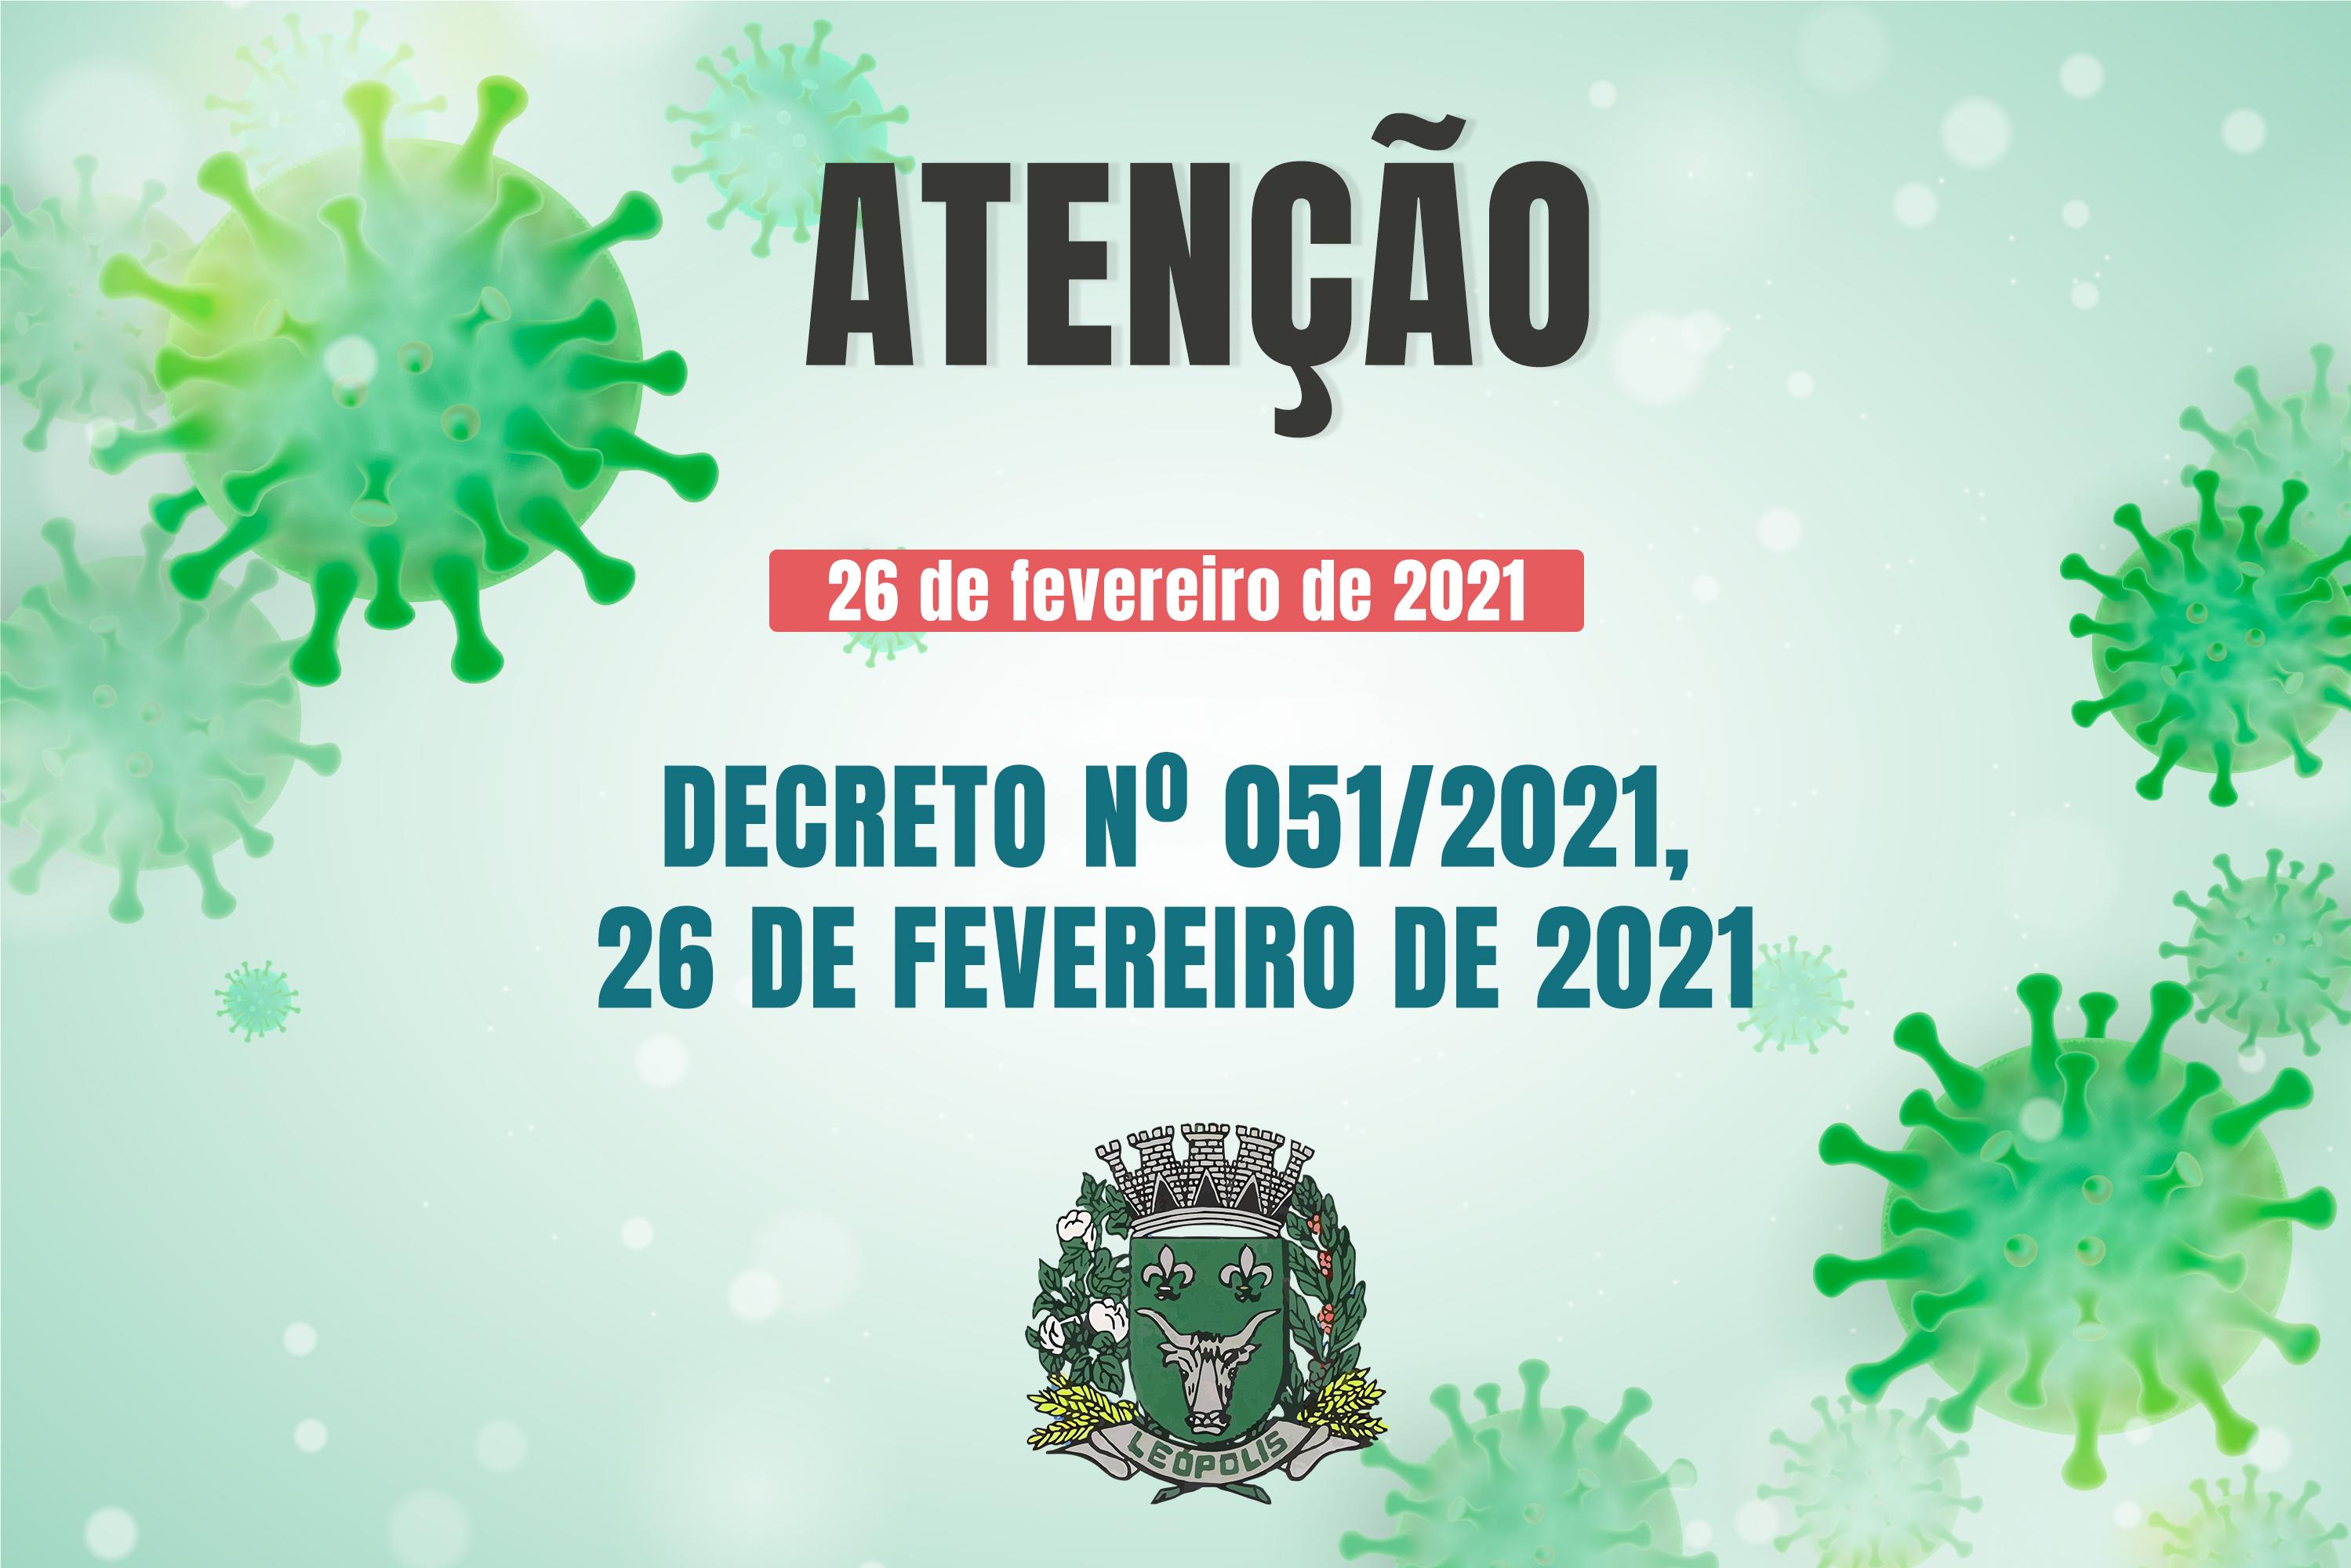 DECRETO 051/2021 - Medidas restritivas de caráter obrigatório